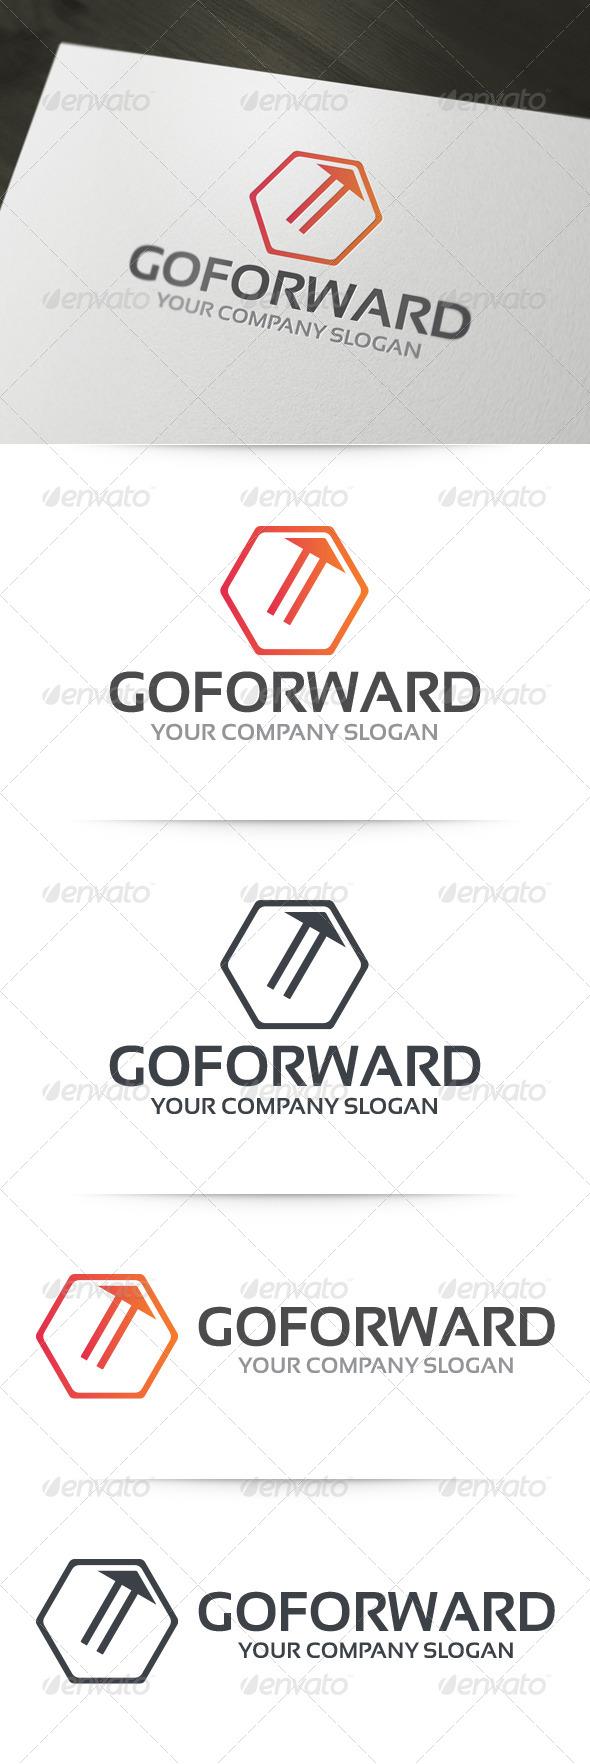 GraphicRiver Go Forward Logo 6198104